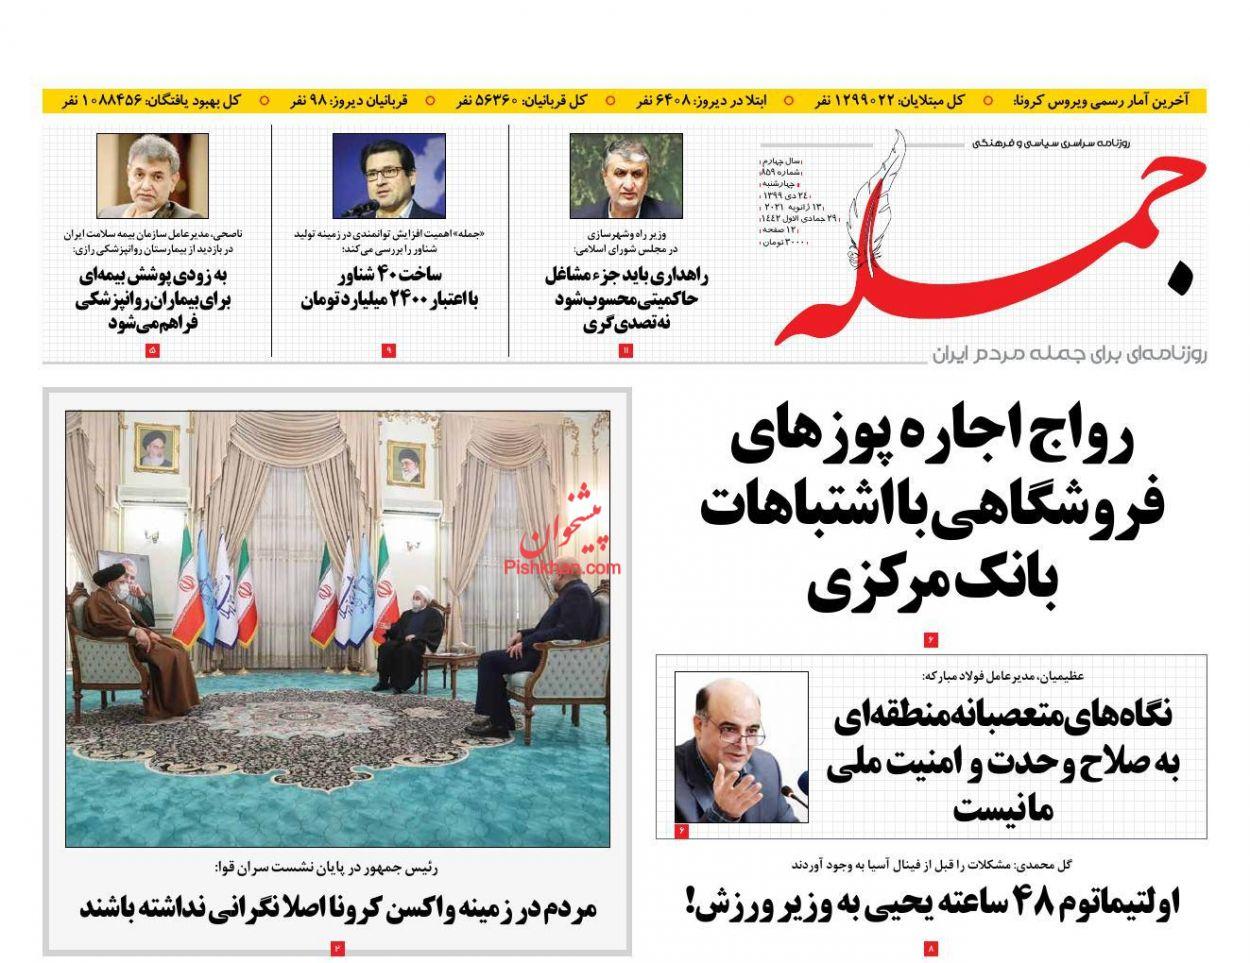 عناوین اخبار روزنامه جمله در روز چهارشنبه ۲۴ دی